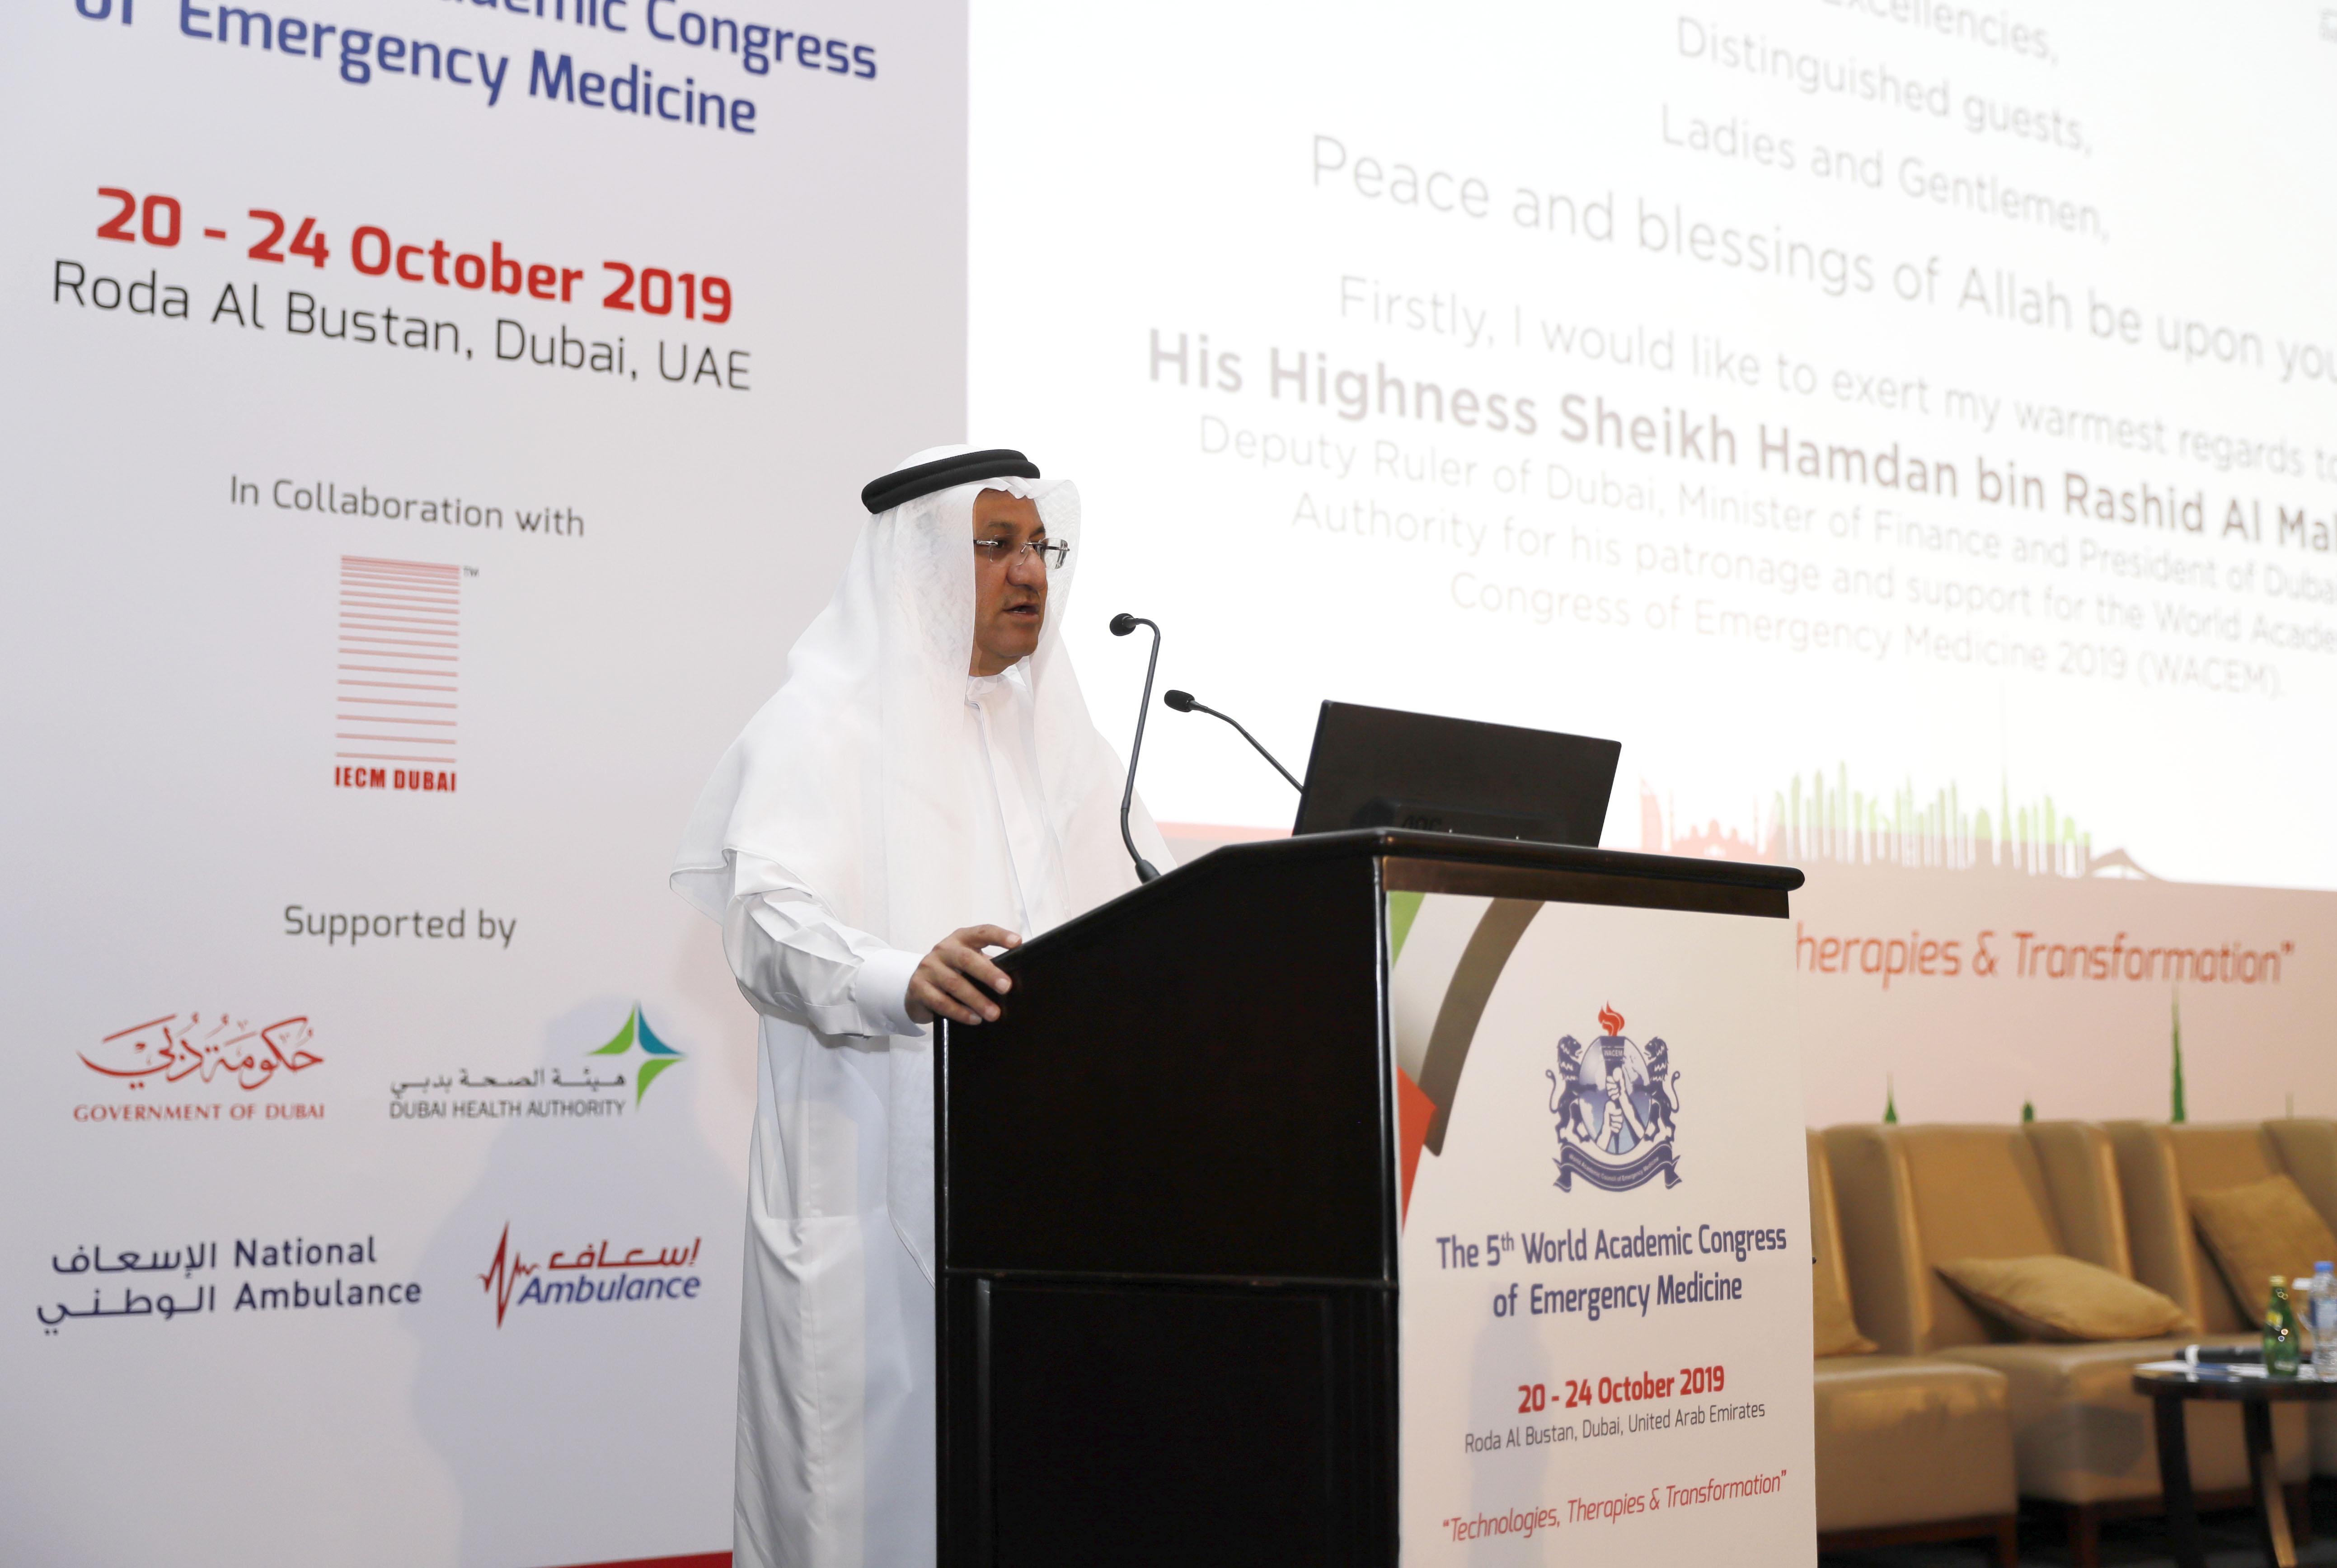 إفتتاح المؤتمر الأكاديمي العالمي الخامس لطب الطوارئ للمرة الأولى في دبي